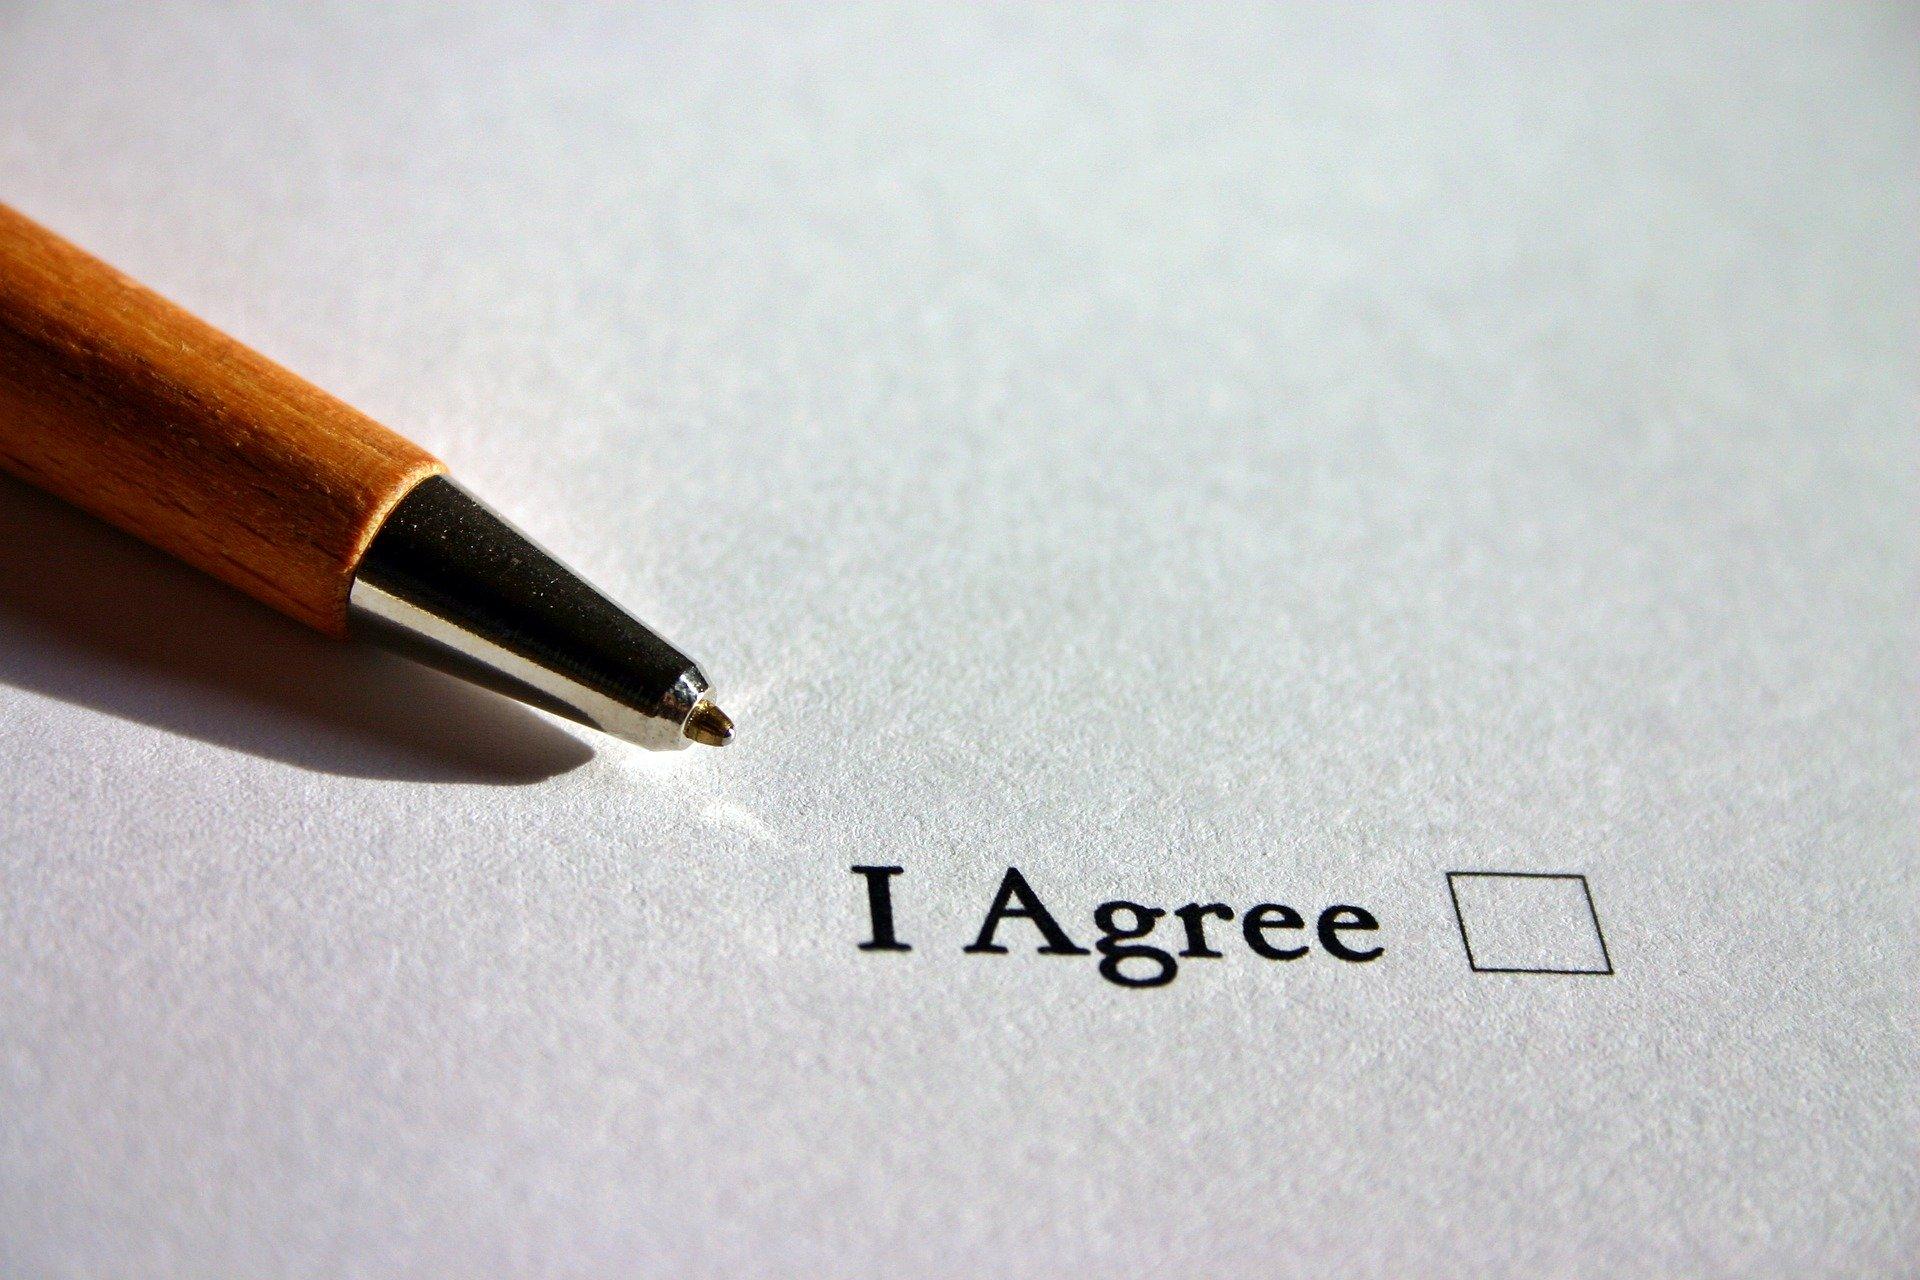 定型約款の不当条項はどのようなもの?民法改正についても解説